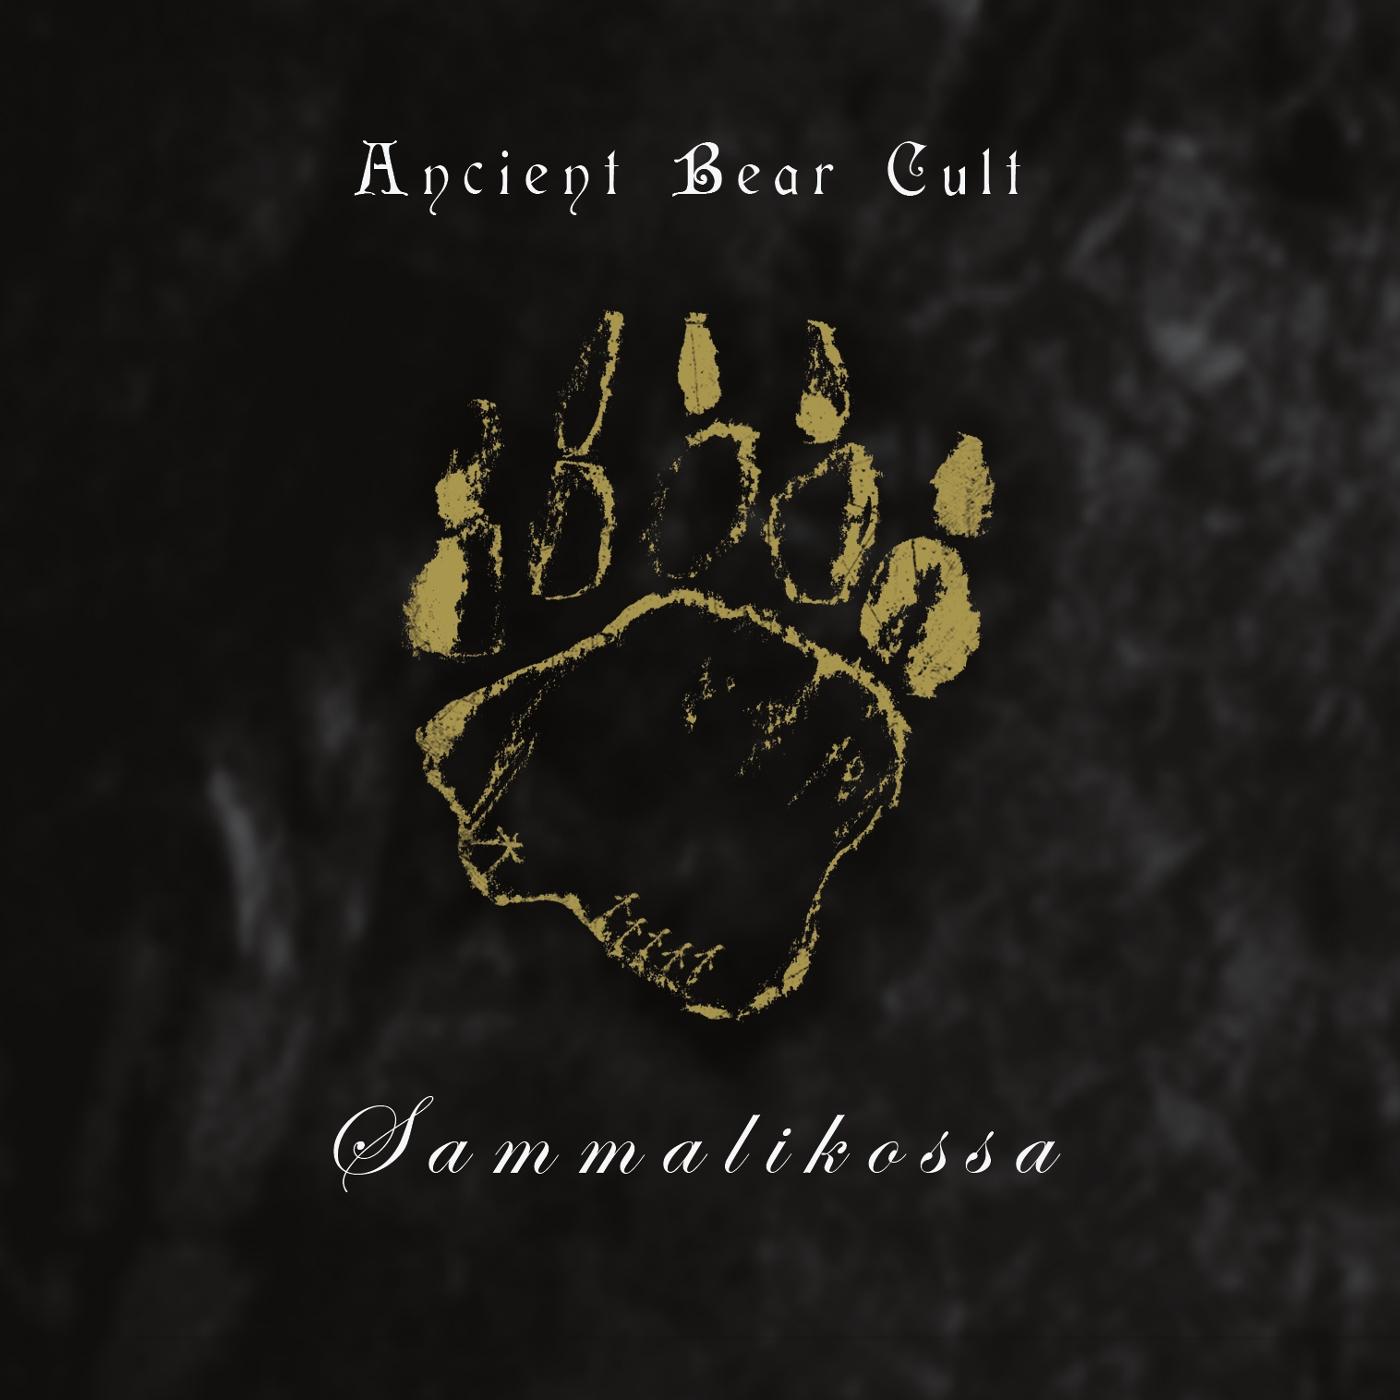 Ancient Bear Cult: Sammalikossa